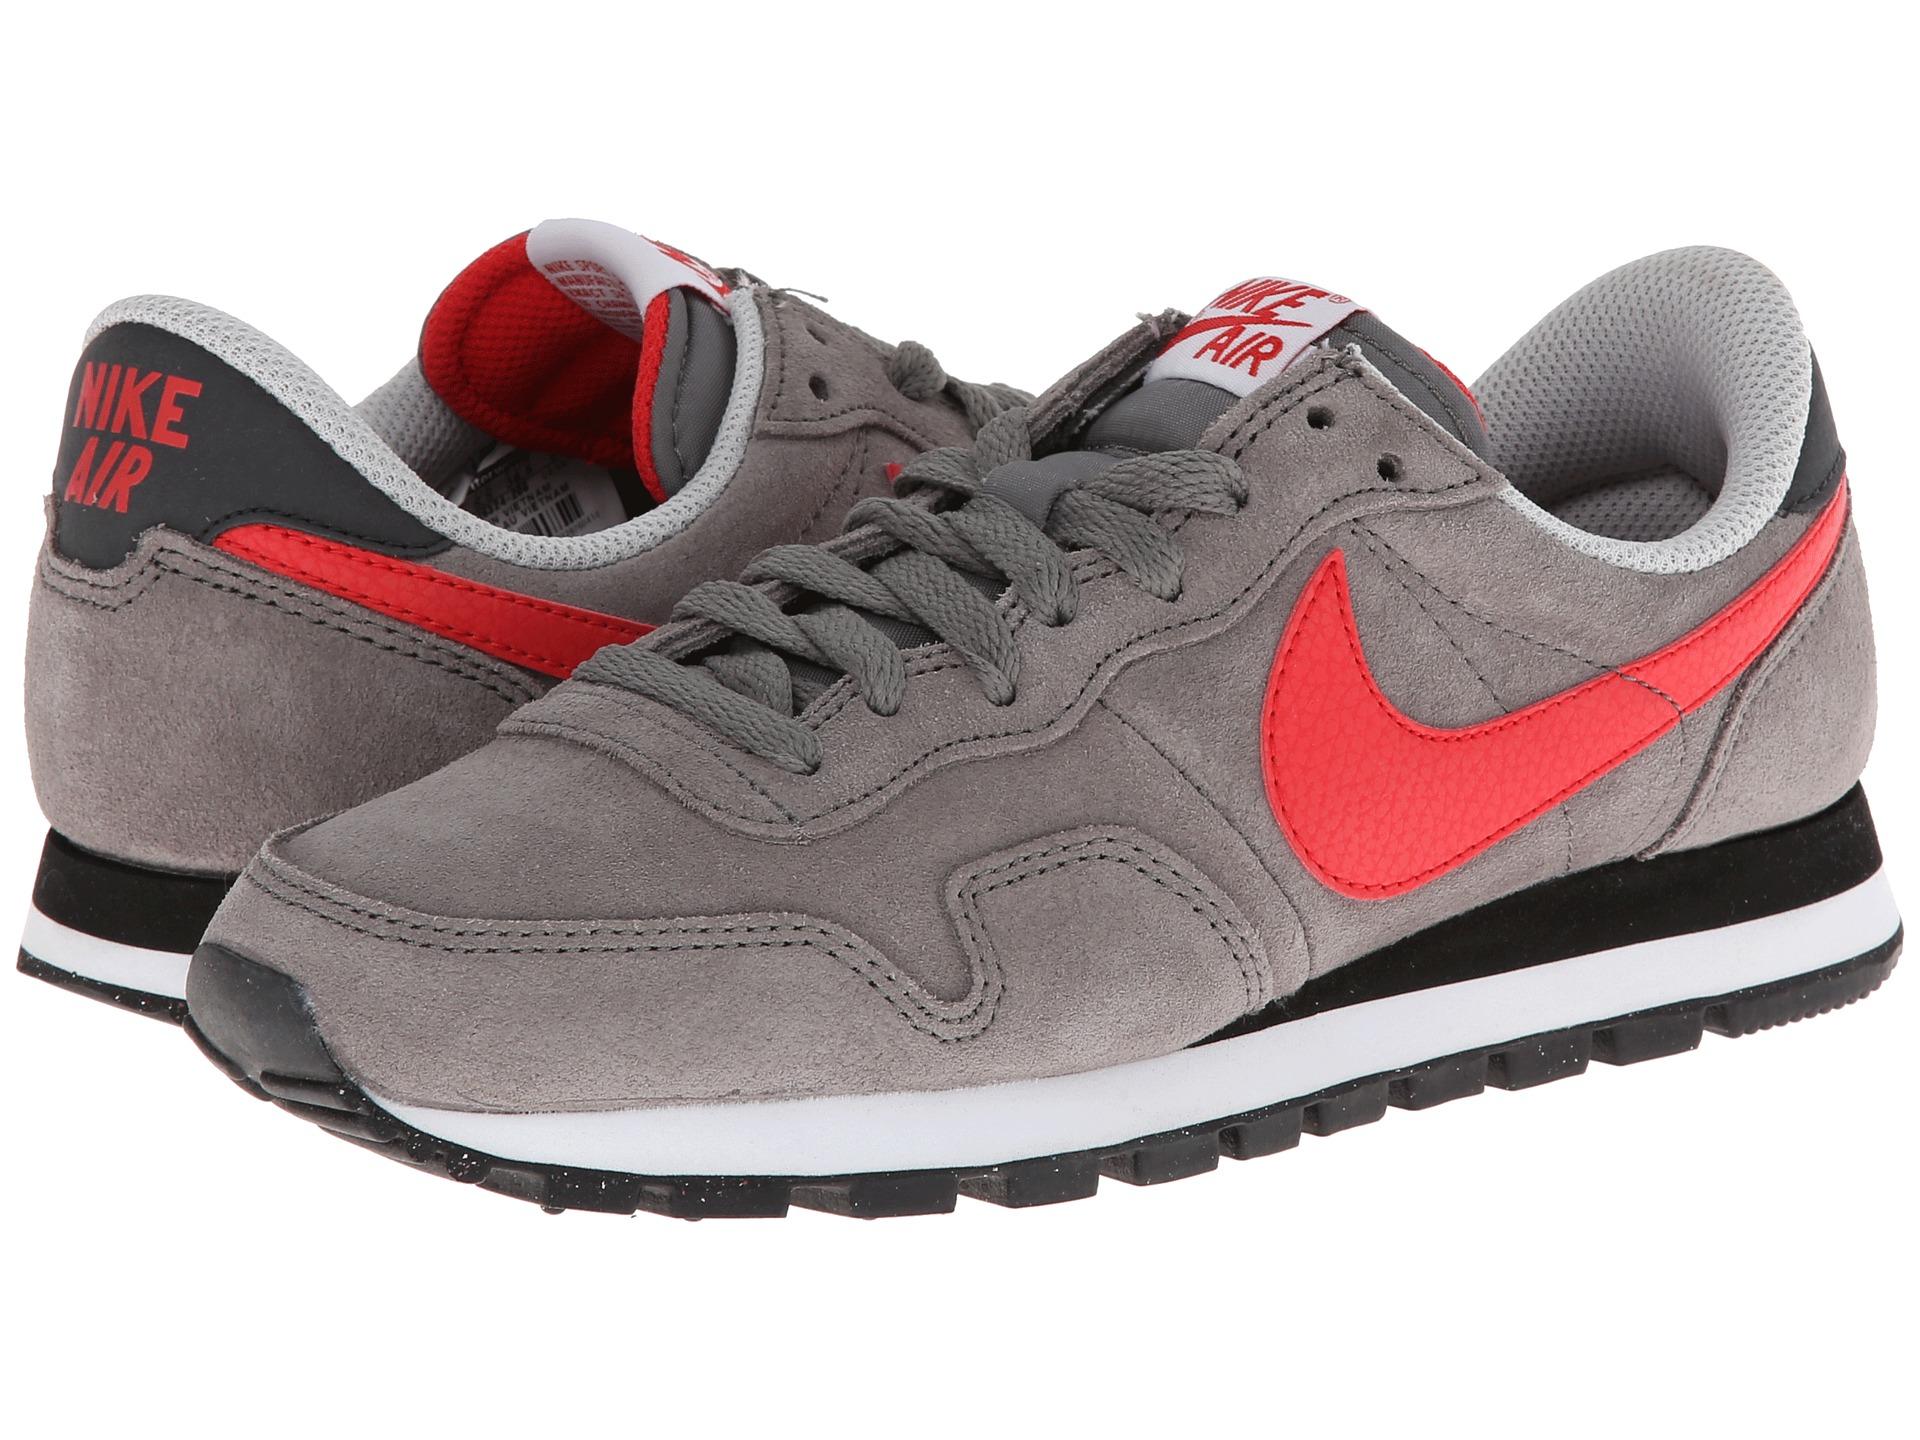 ea016d12293 nike air pegasus 83 size 5 Buy Online Nike Air Jordan ...